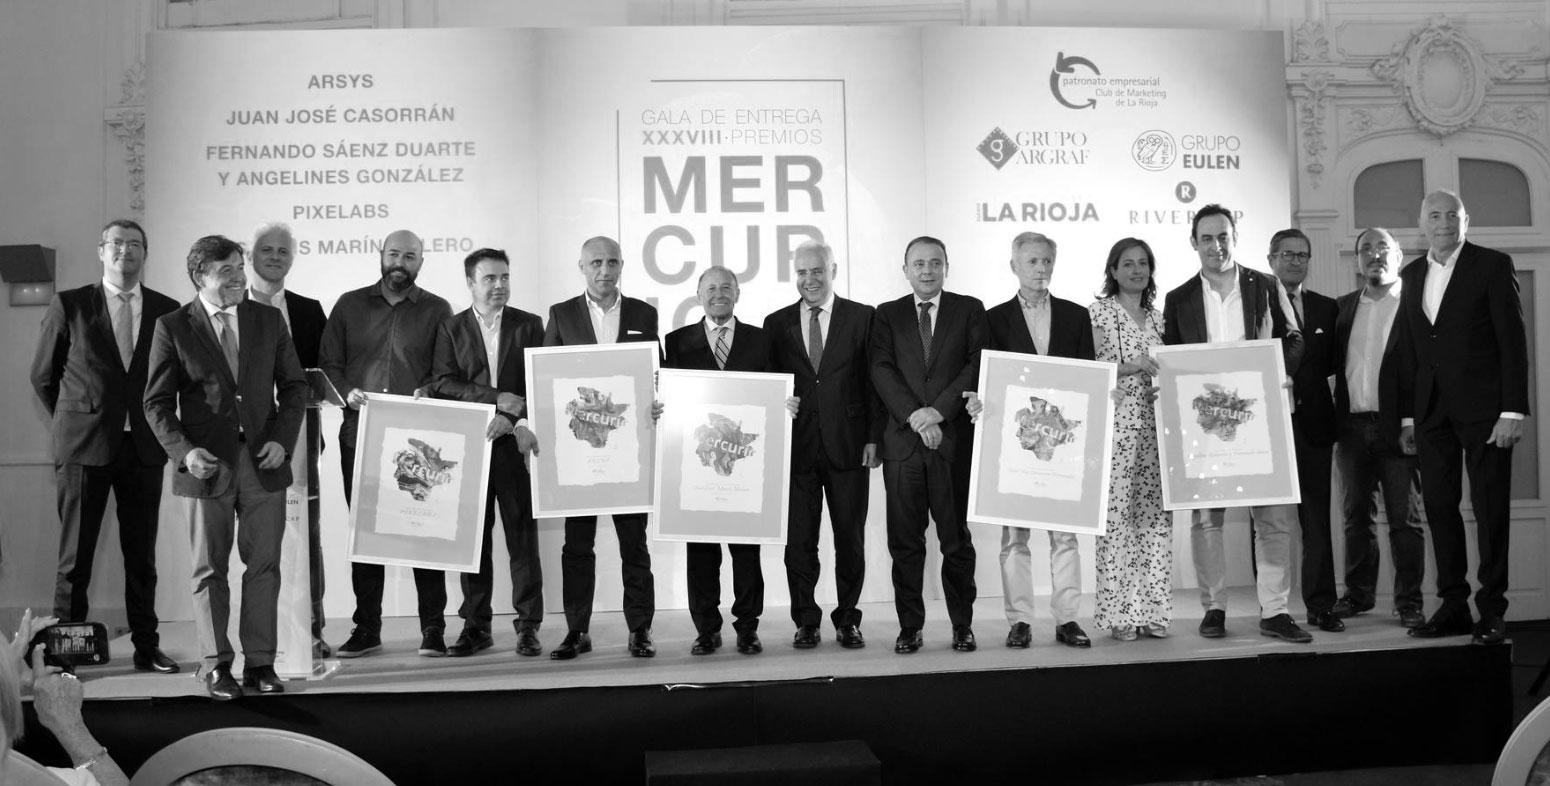 Pixelabs Premio Mercurio Innovación